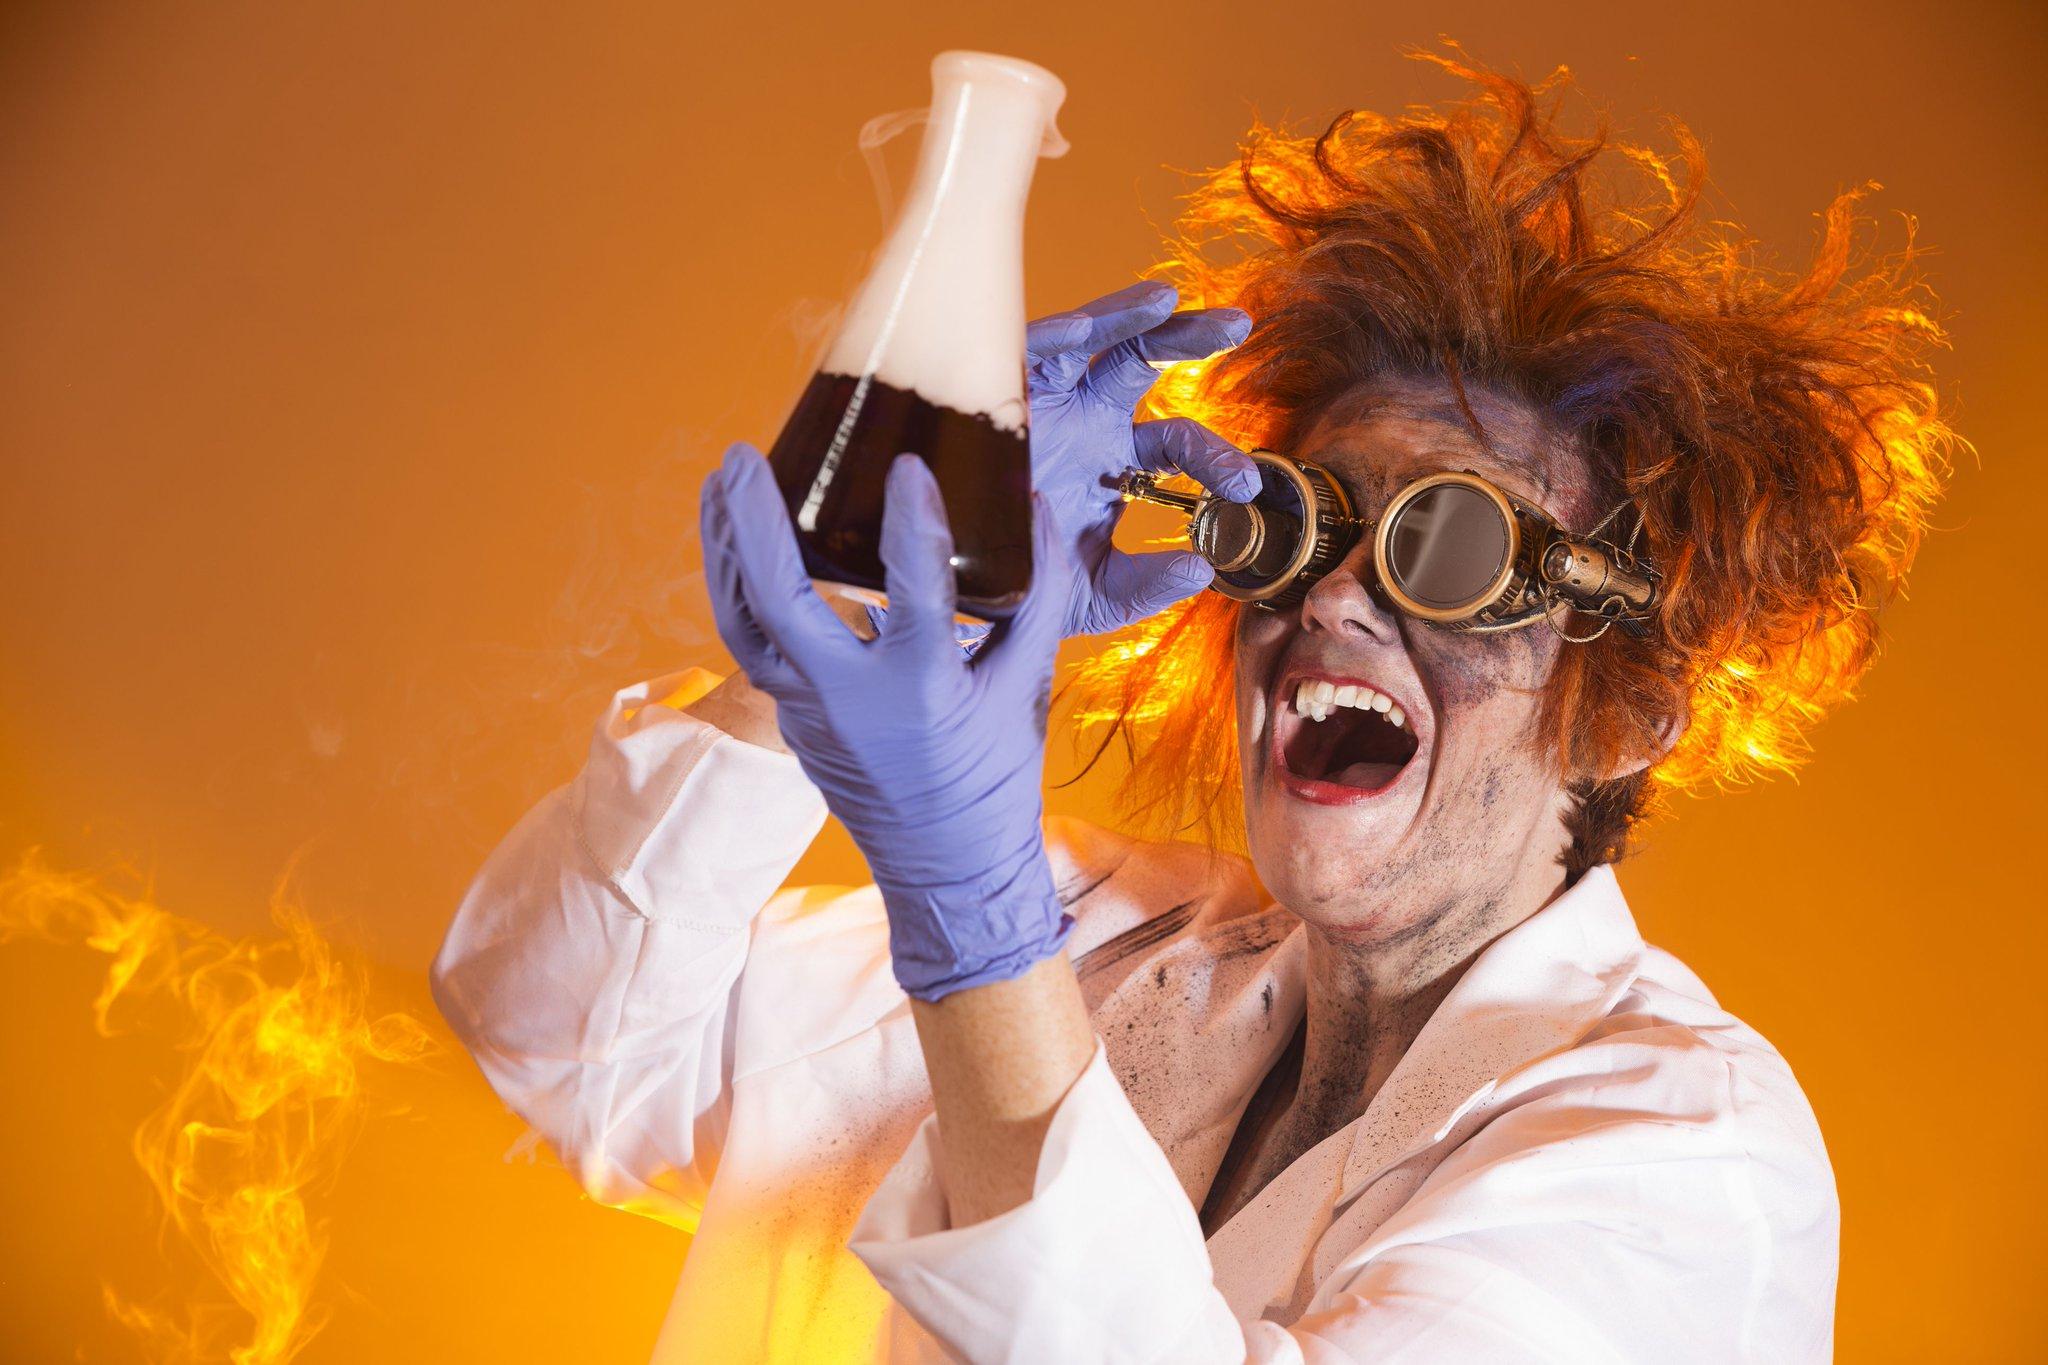 Комплиментом, смешные картинки лаборатории